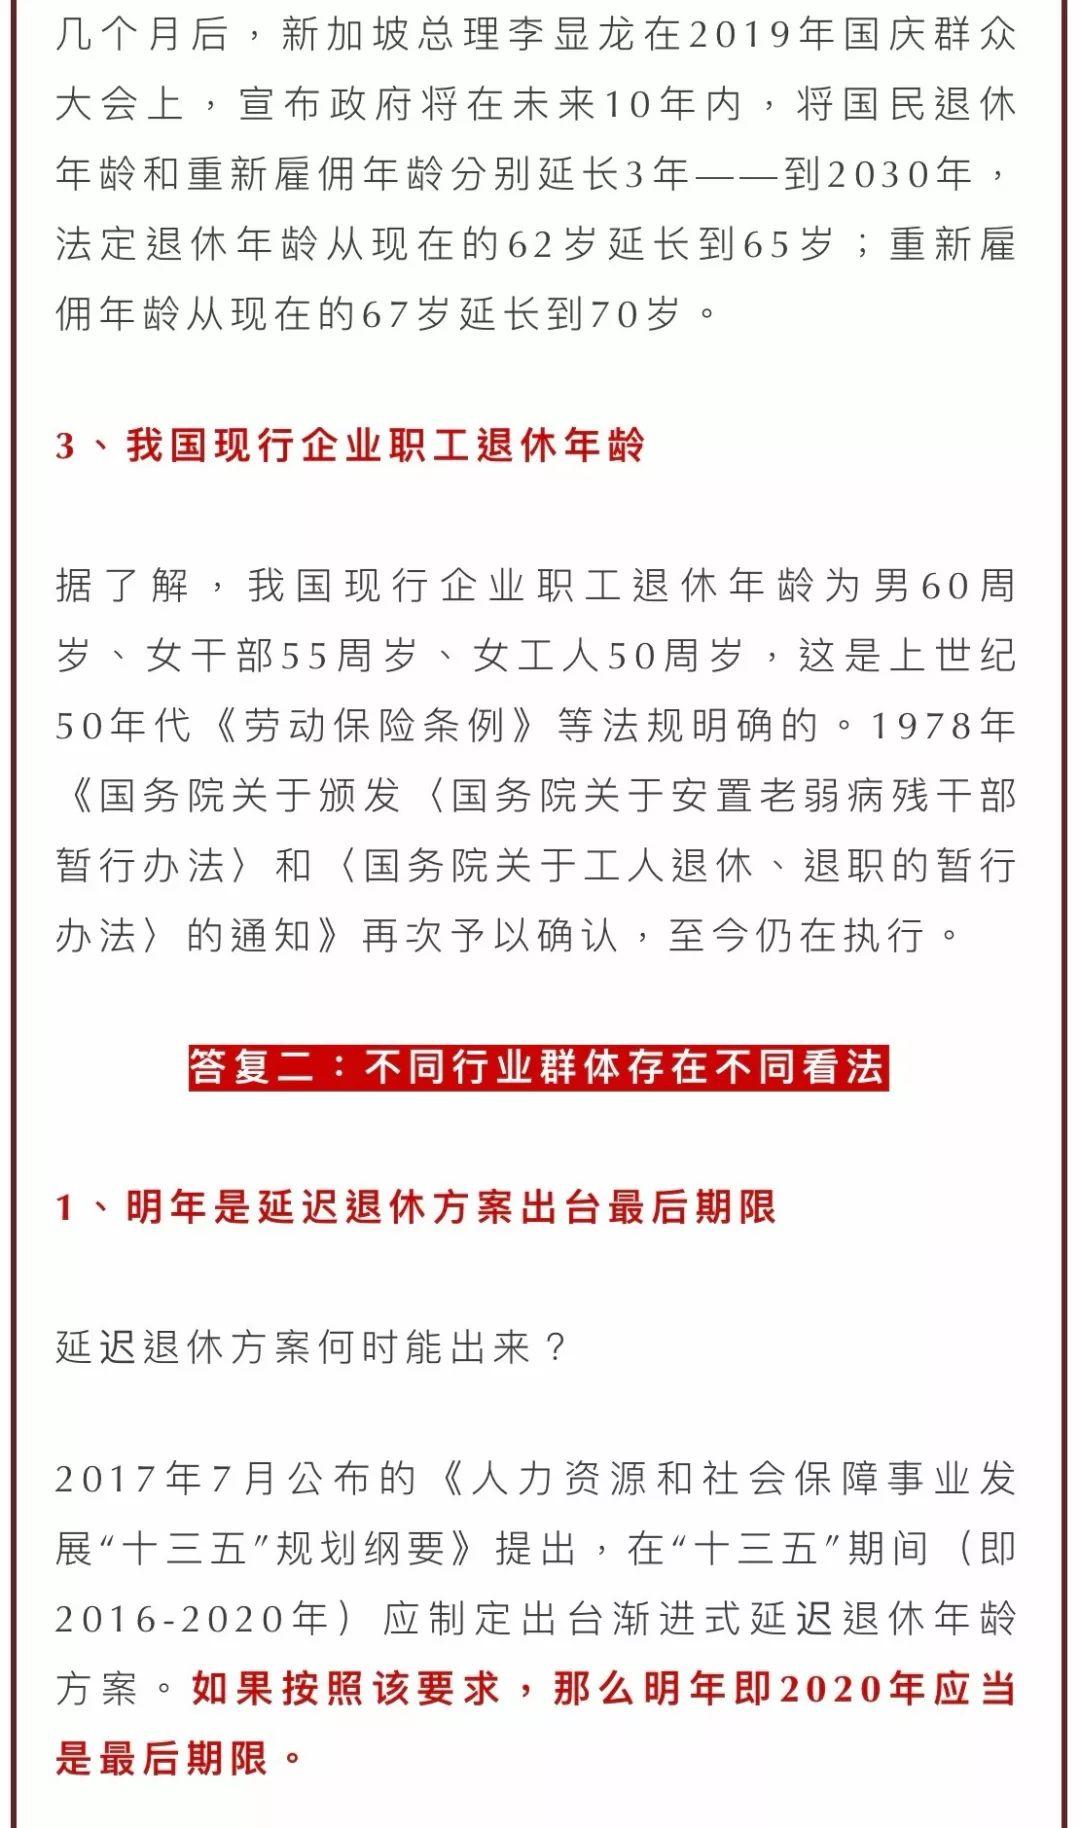 """仁寿人""""延迟退休""""预计2020年实施?70后影响最大?养老保险…"""